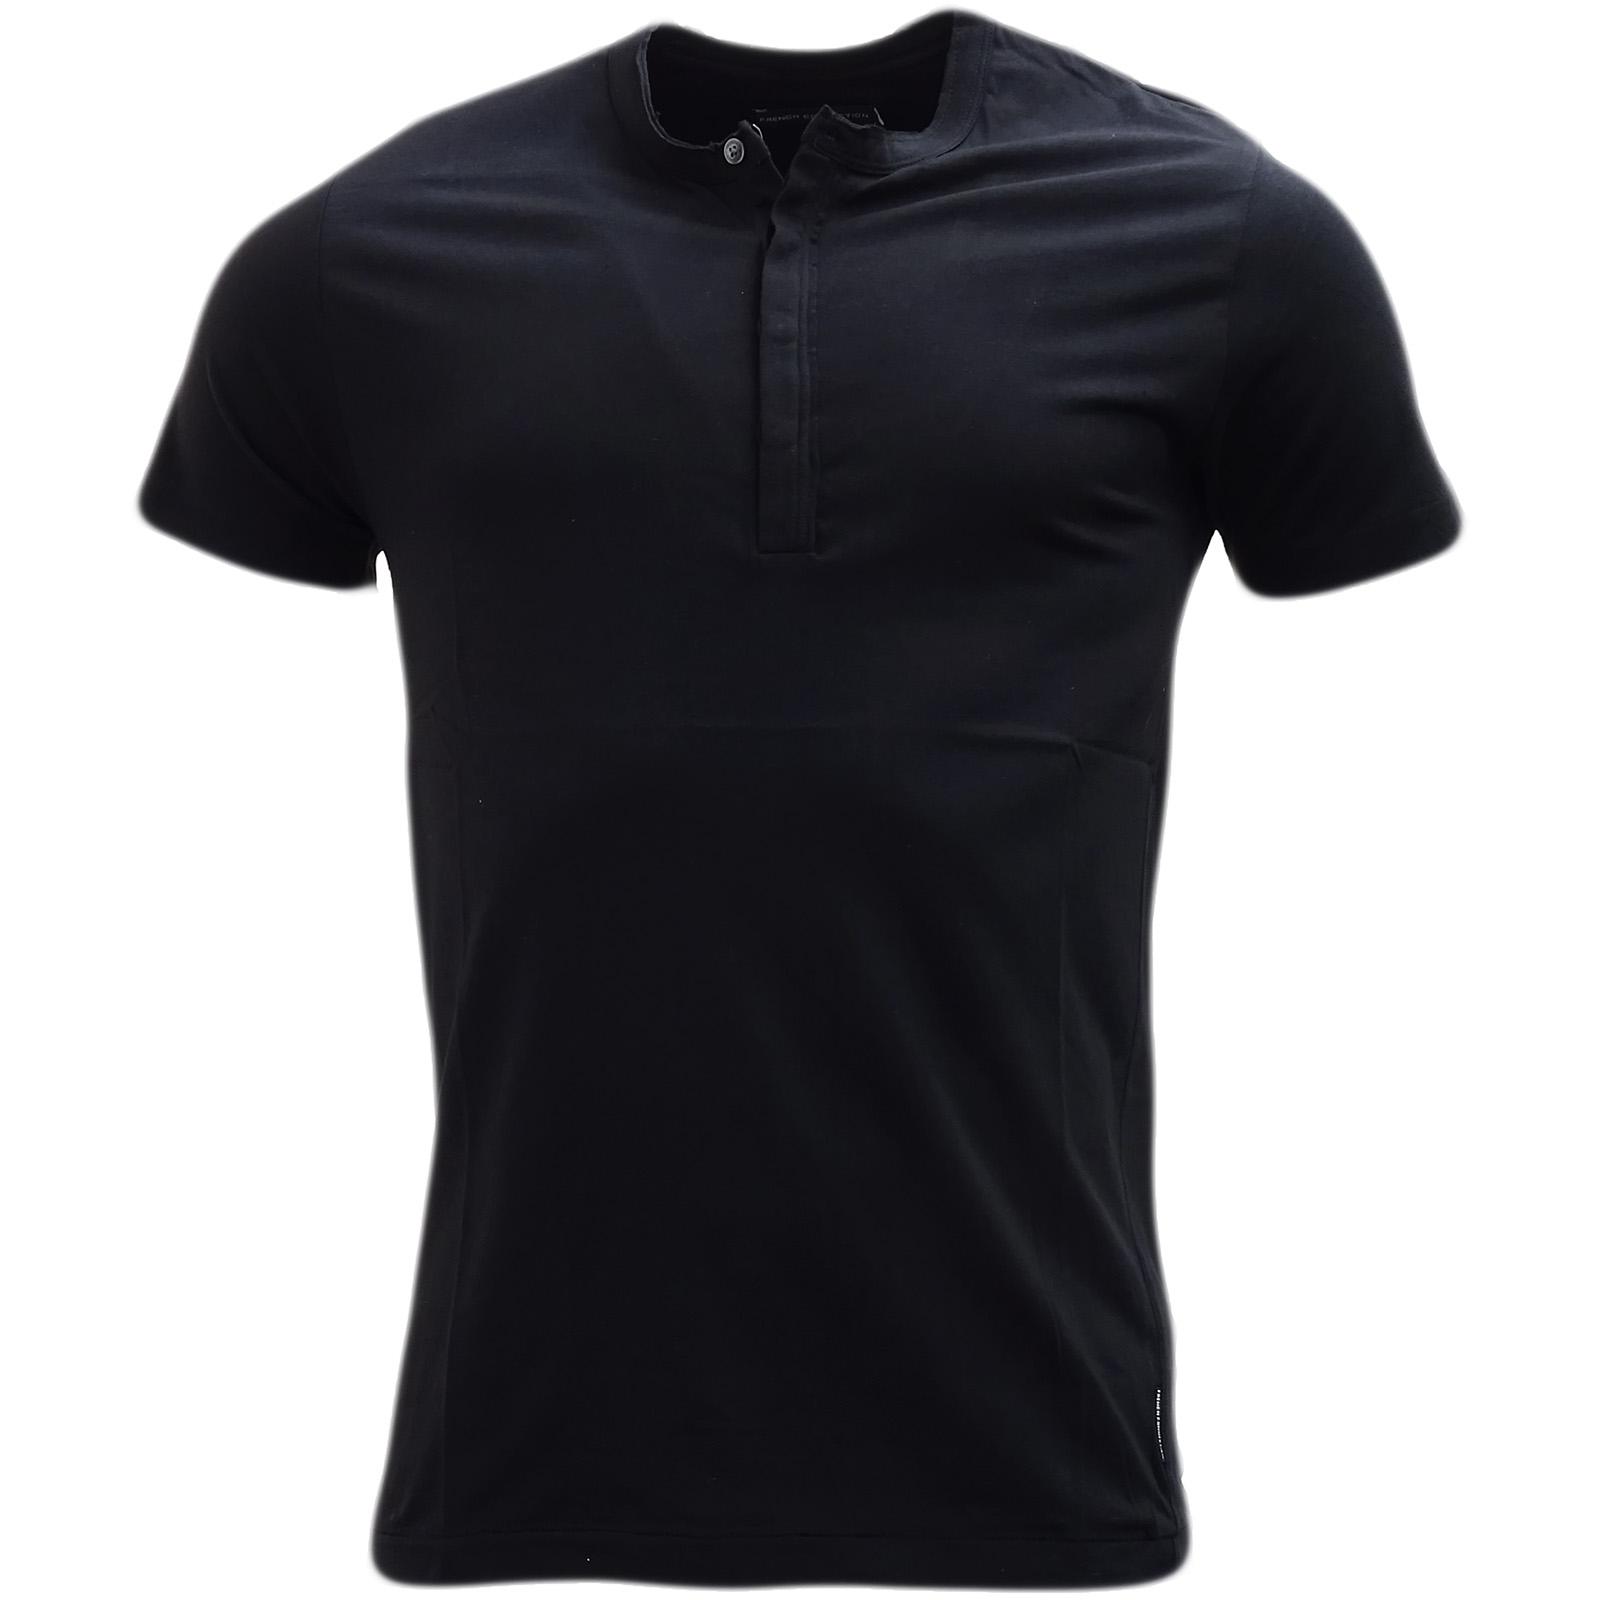 French Connection Darkest Blue Plain Button Front T-Shirt 56Cl6 -